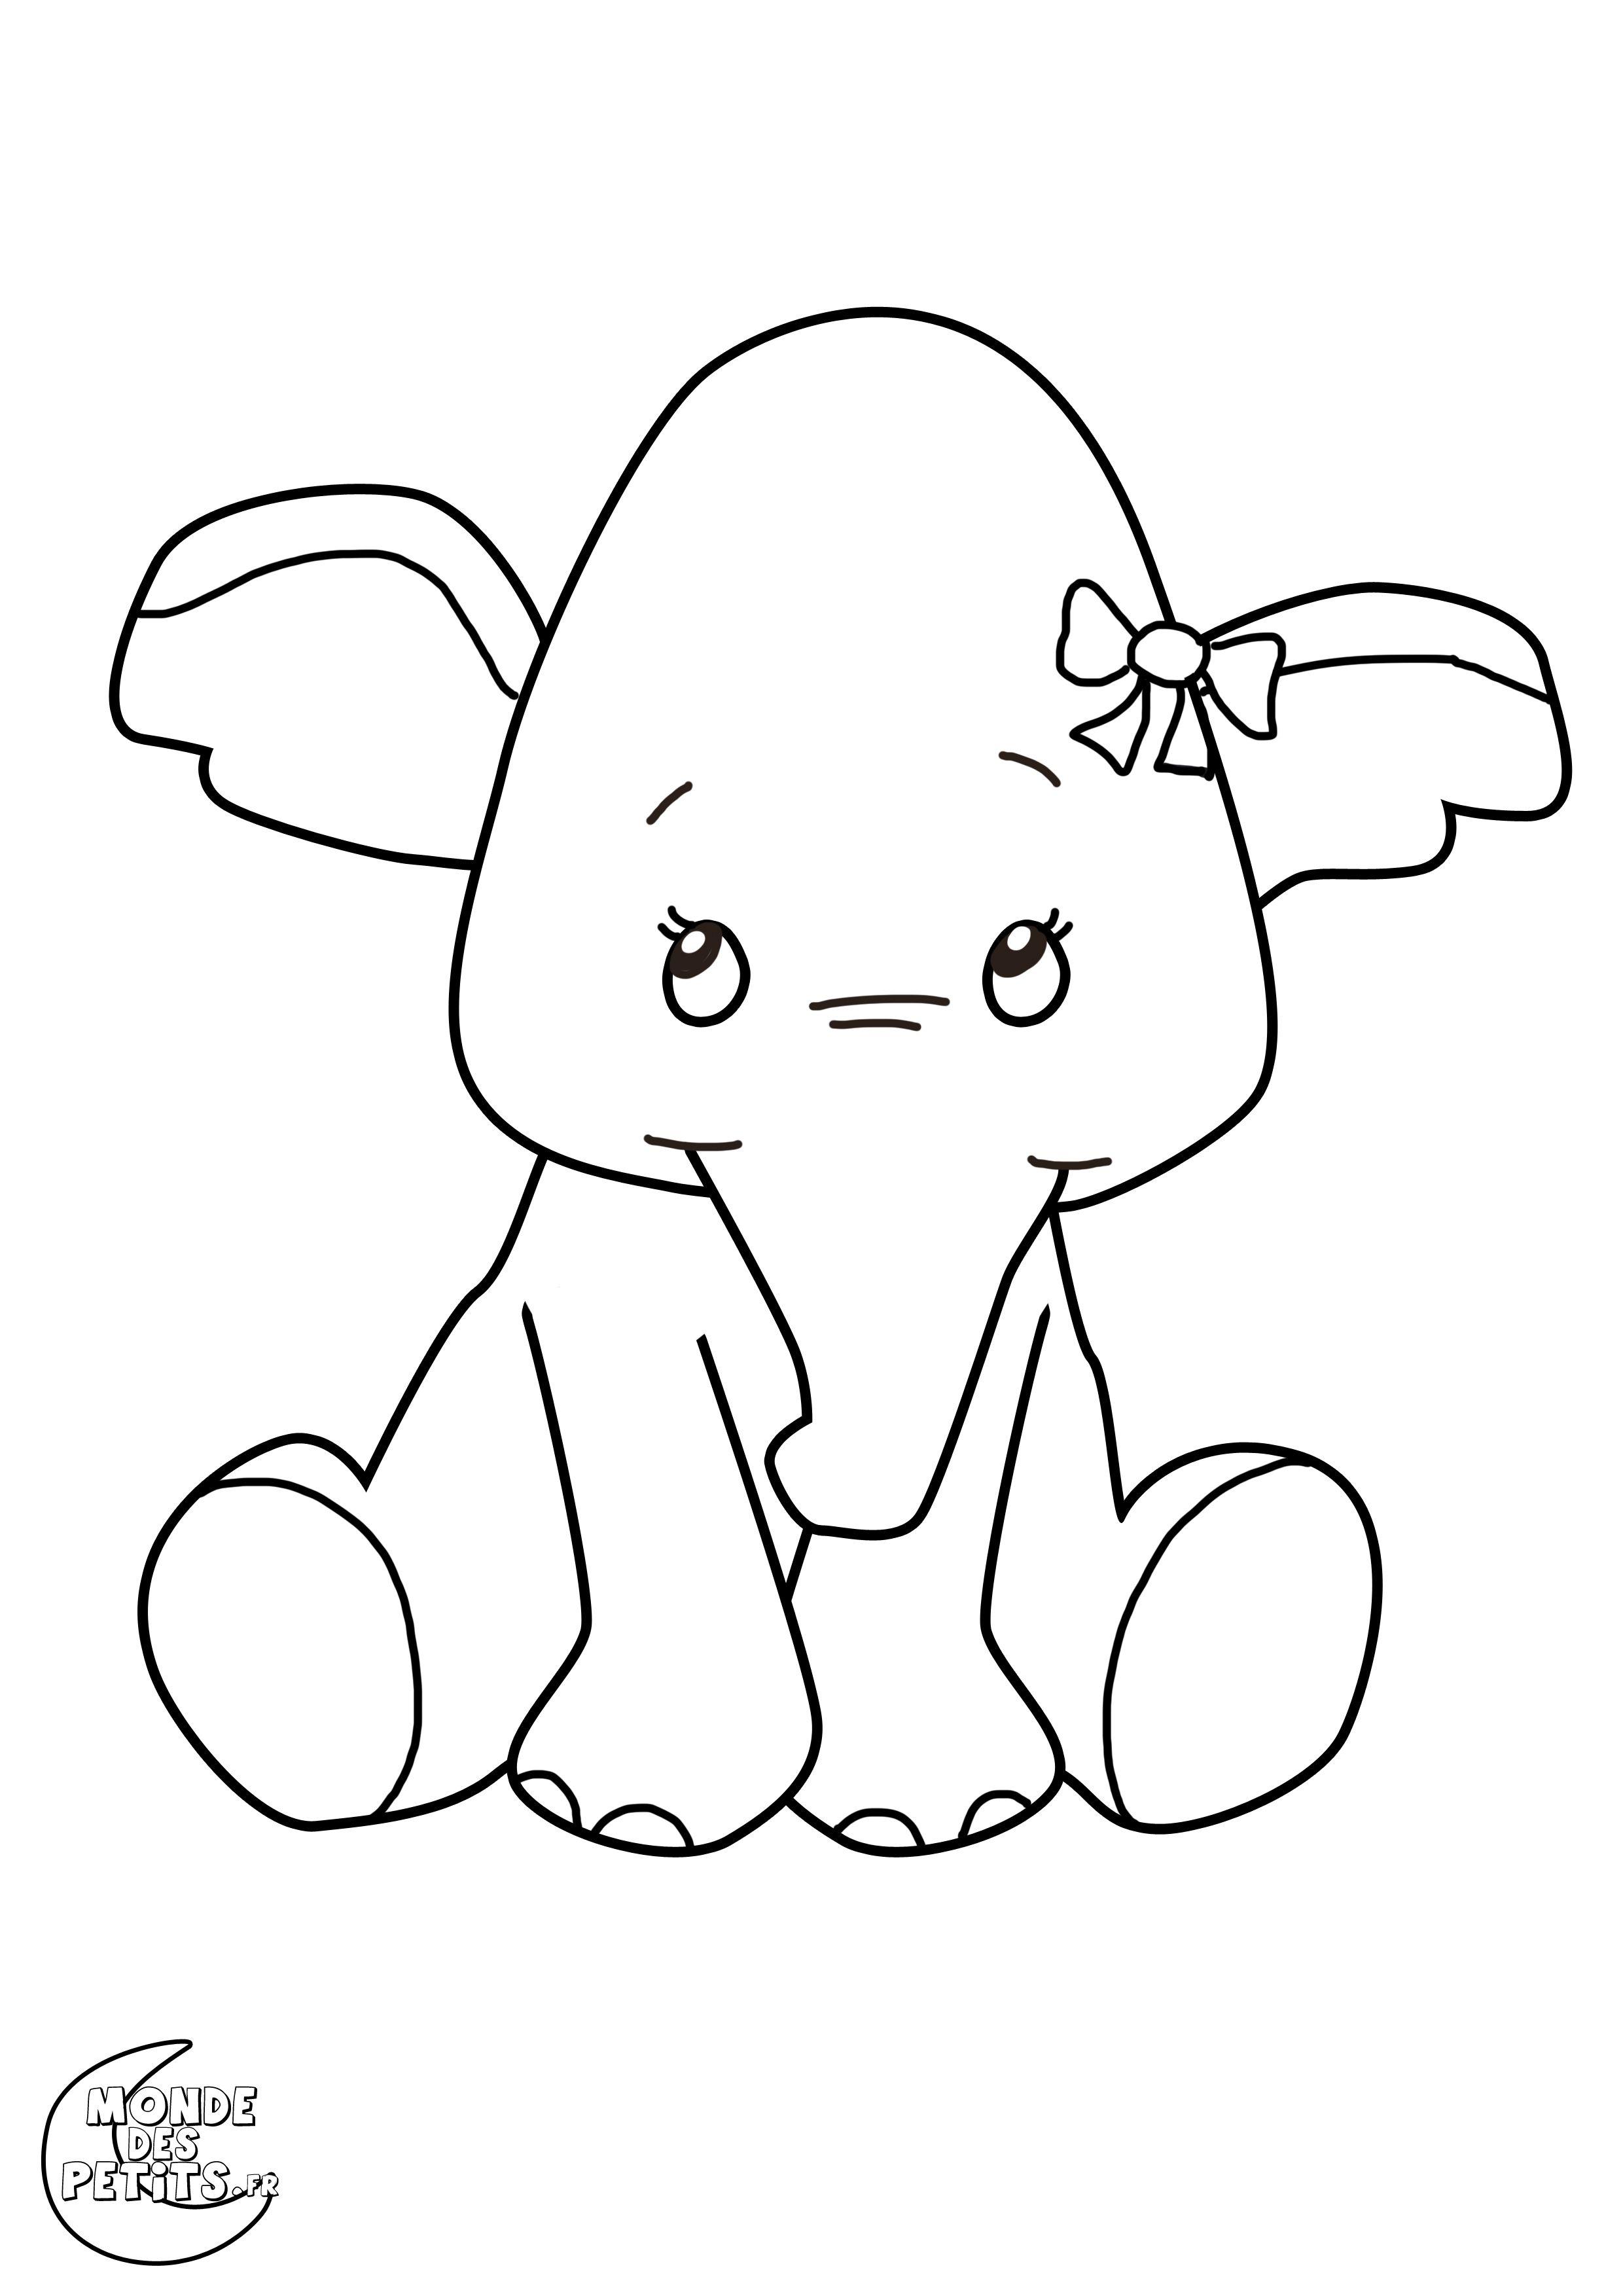 Coloriage Animaux gratuits  imprimer Nos 145 dessins  colorier de Animaux seront satisfaires les petits me les plus grands